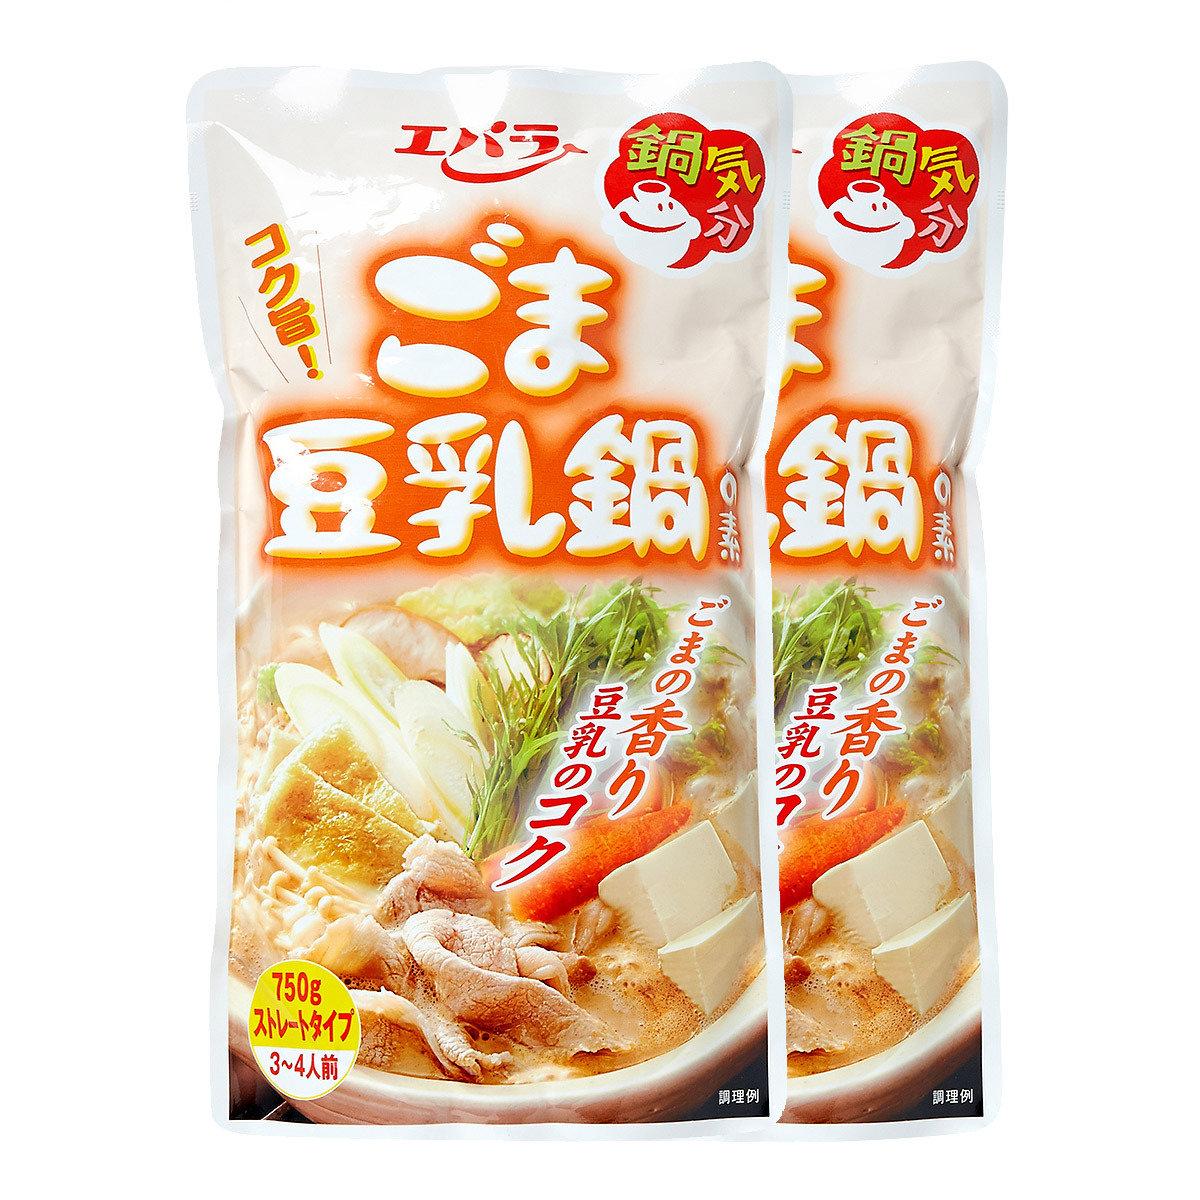 胡麻豆腐火鍋湯底